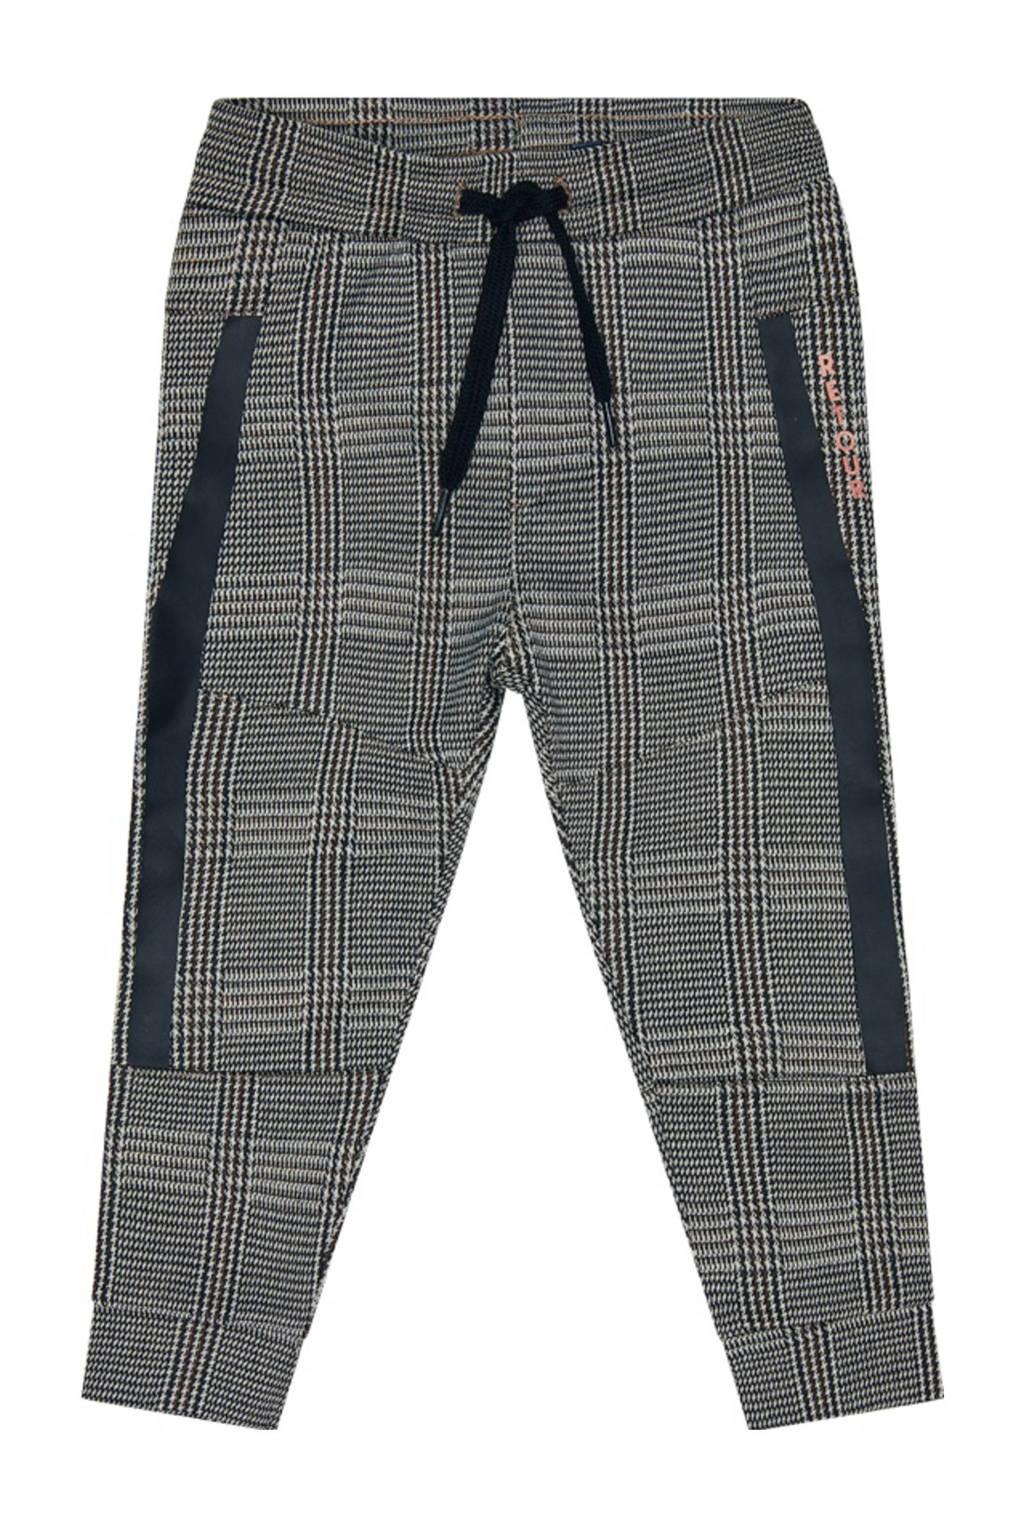 Retour Denim geruite regular fit broek Seth zwart/grijs, Zwart/grijs